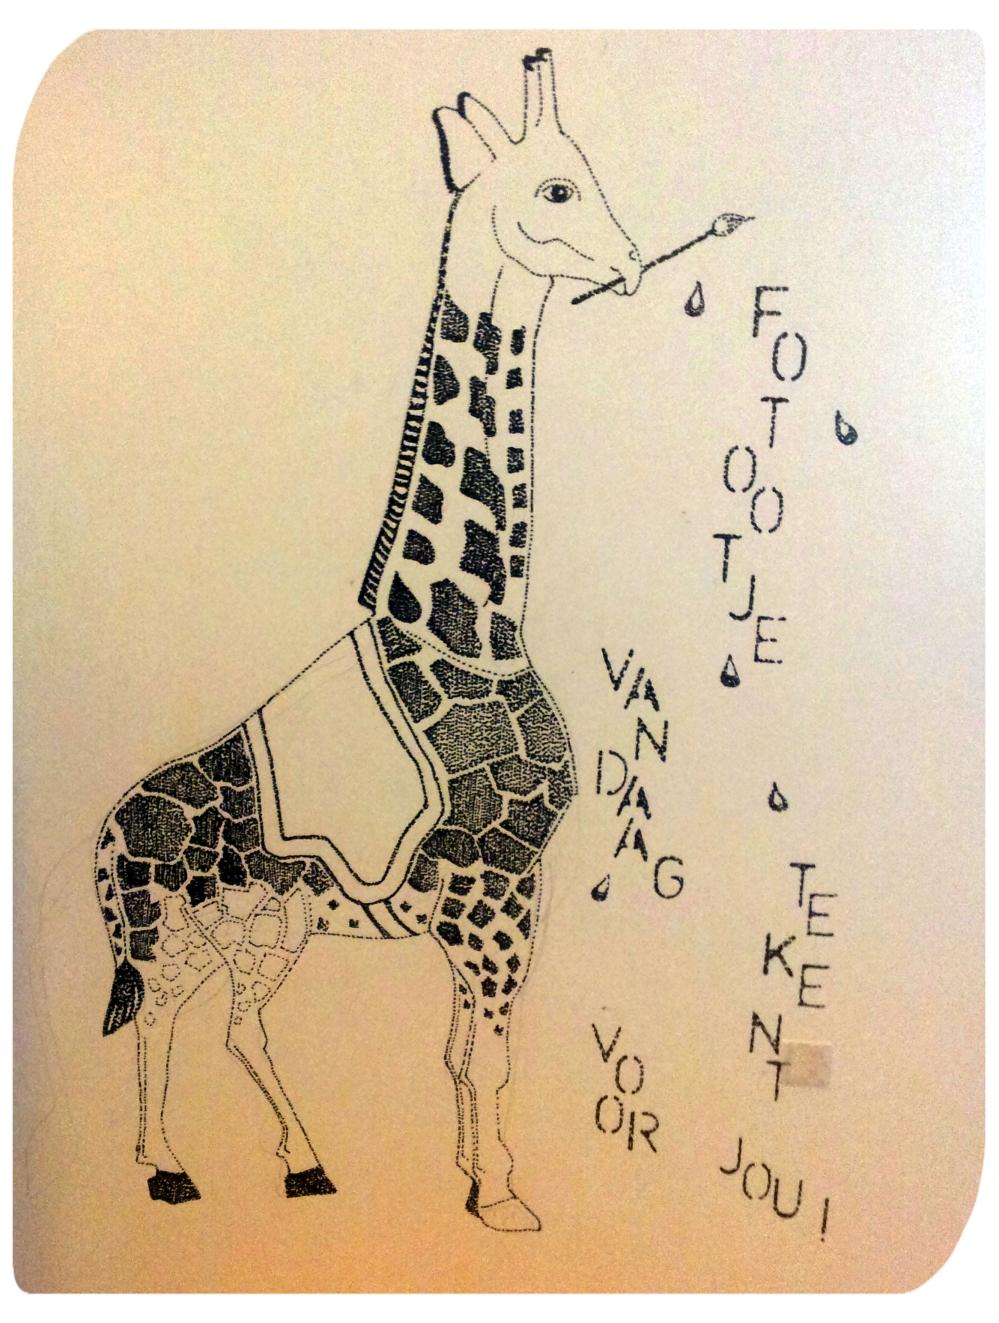 Fotootje Vandaag strooit tekeningen.